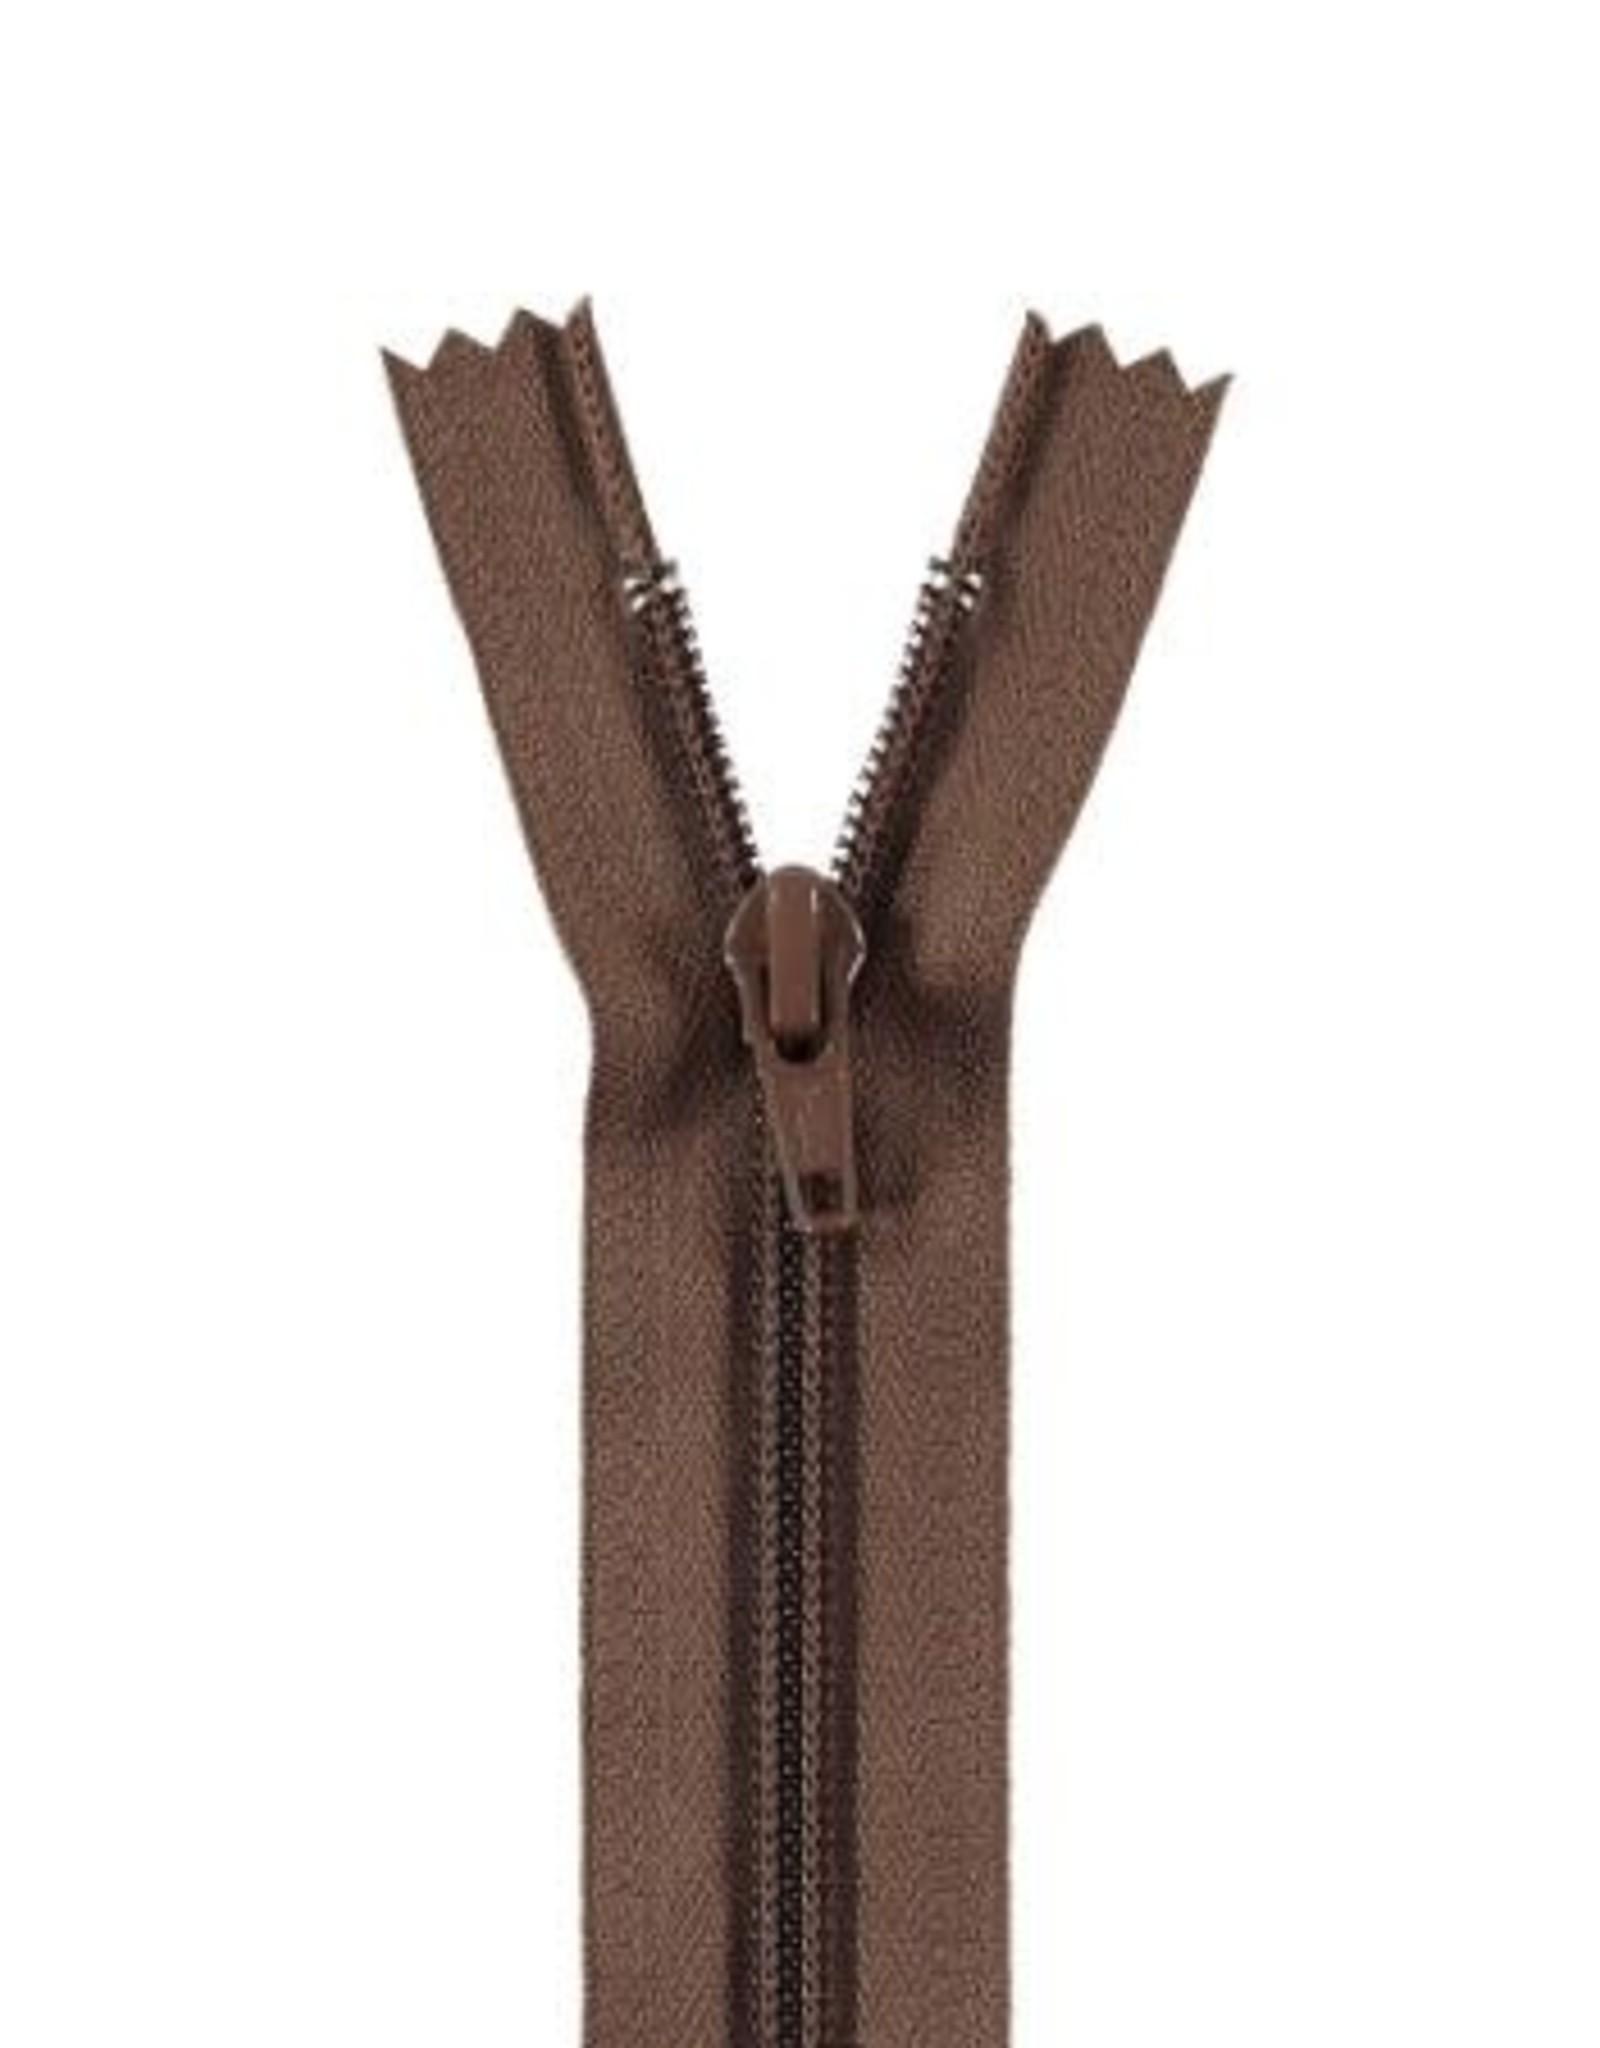 YKK Spiraalrits niet-DB 3mm bruin 568-18cm